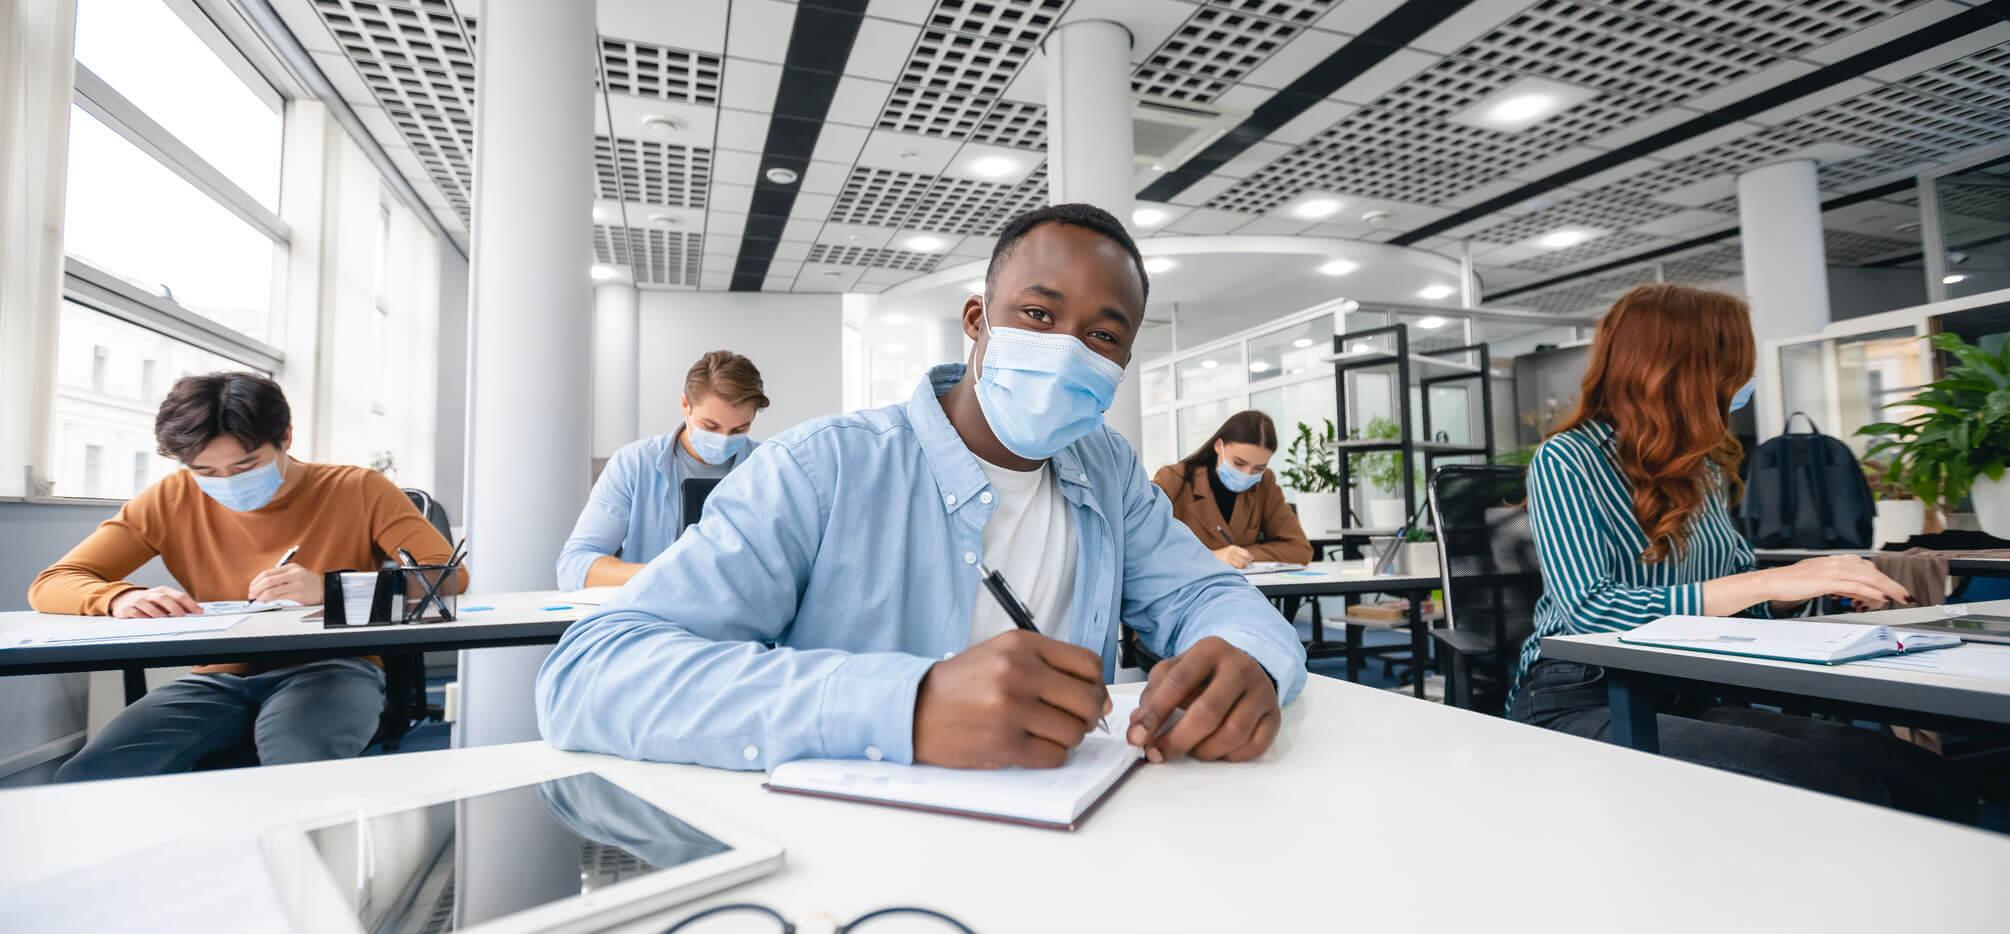 Ile-de-France: 3045 élèves et 424 personnels Covid positifs au 11 mars